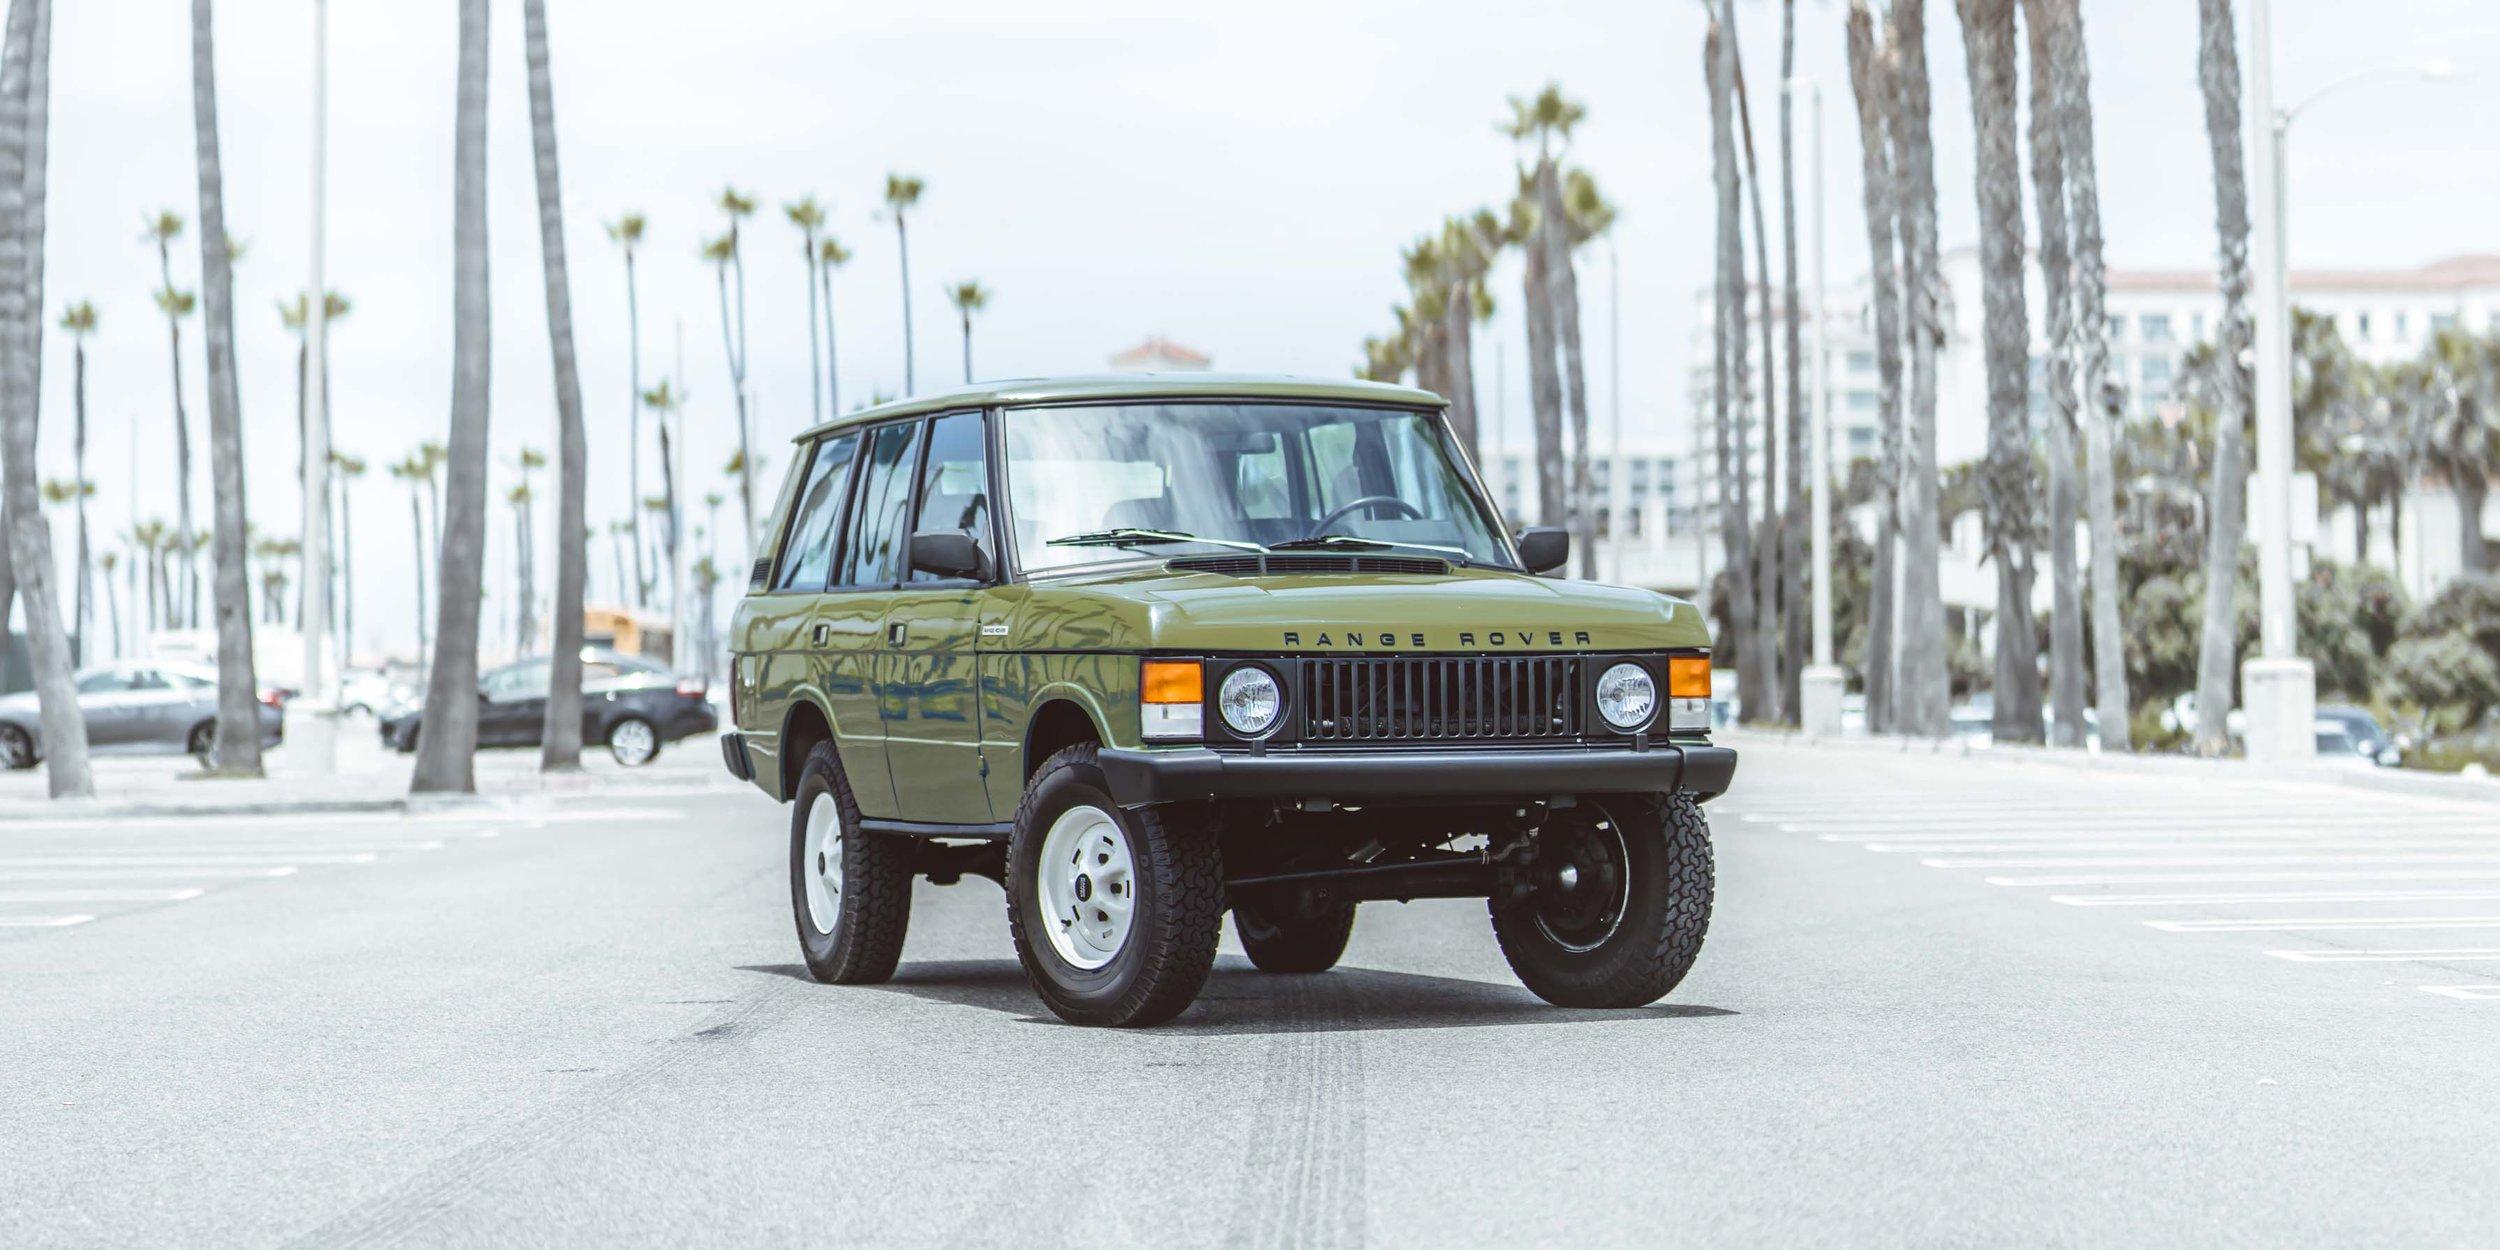 Heritage Range Rover — Brooklyn Coachworks